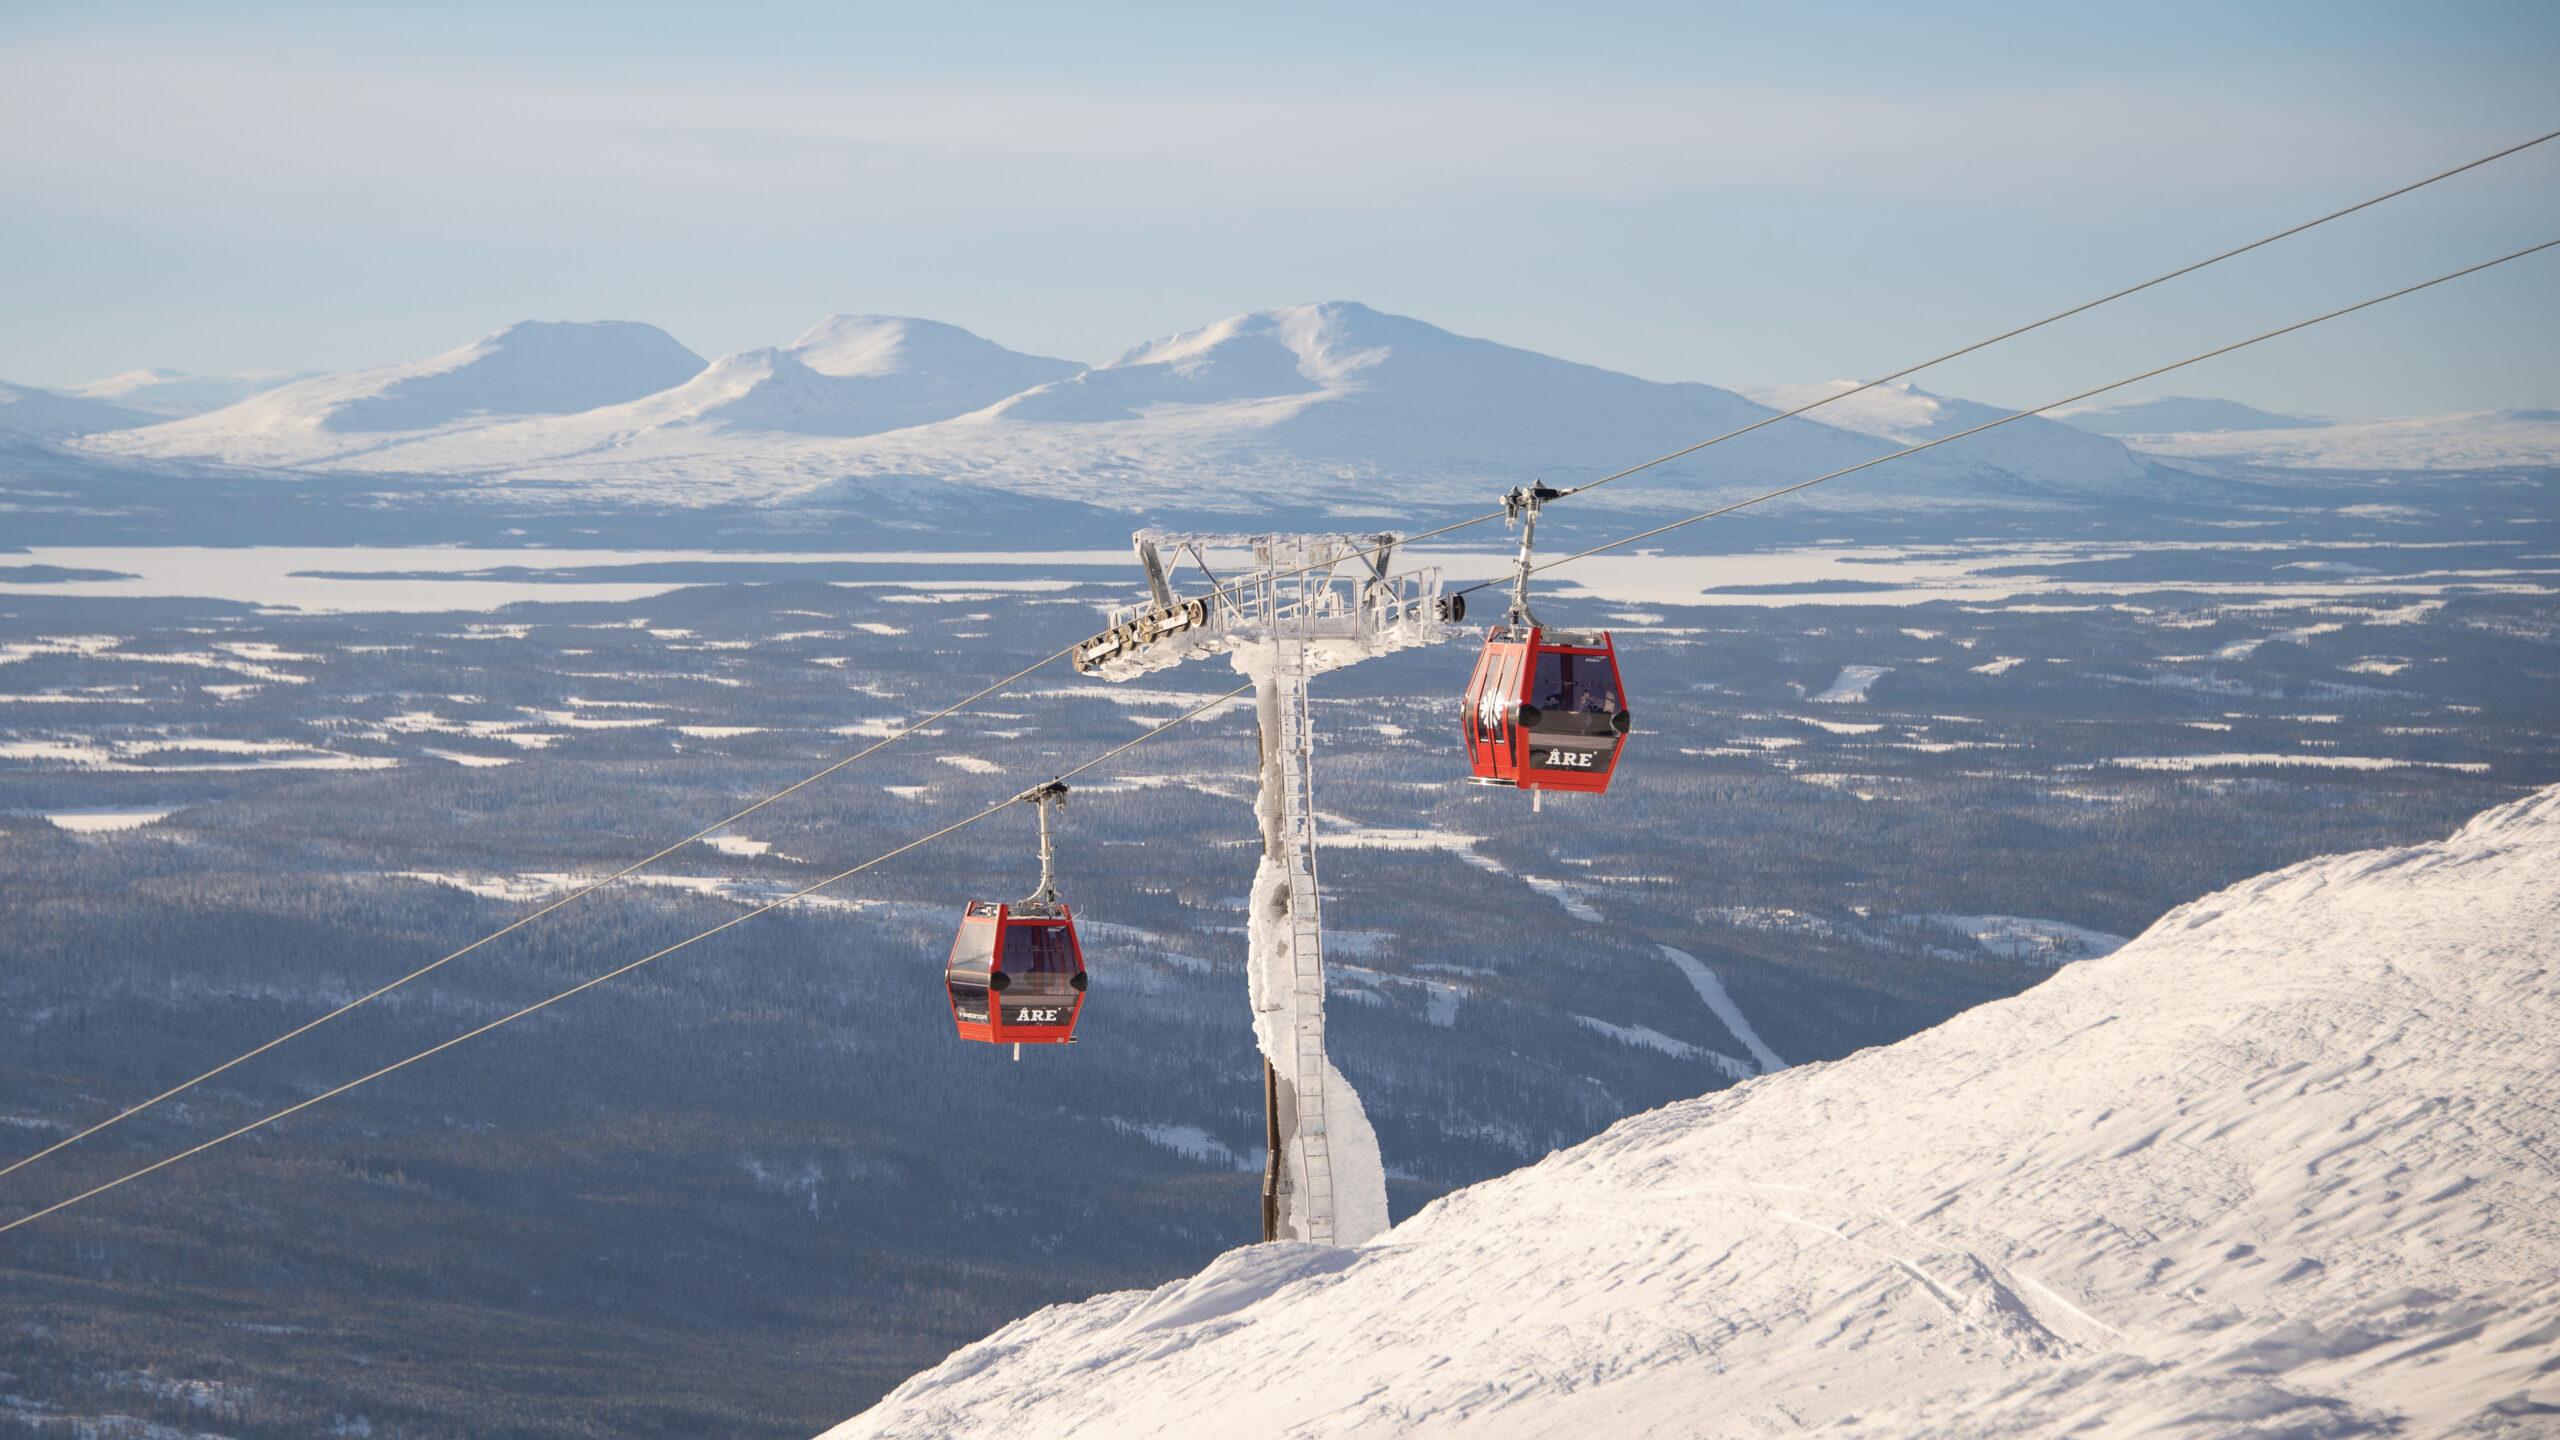 Åreskutan SkiStar